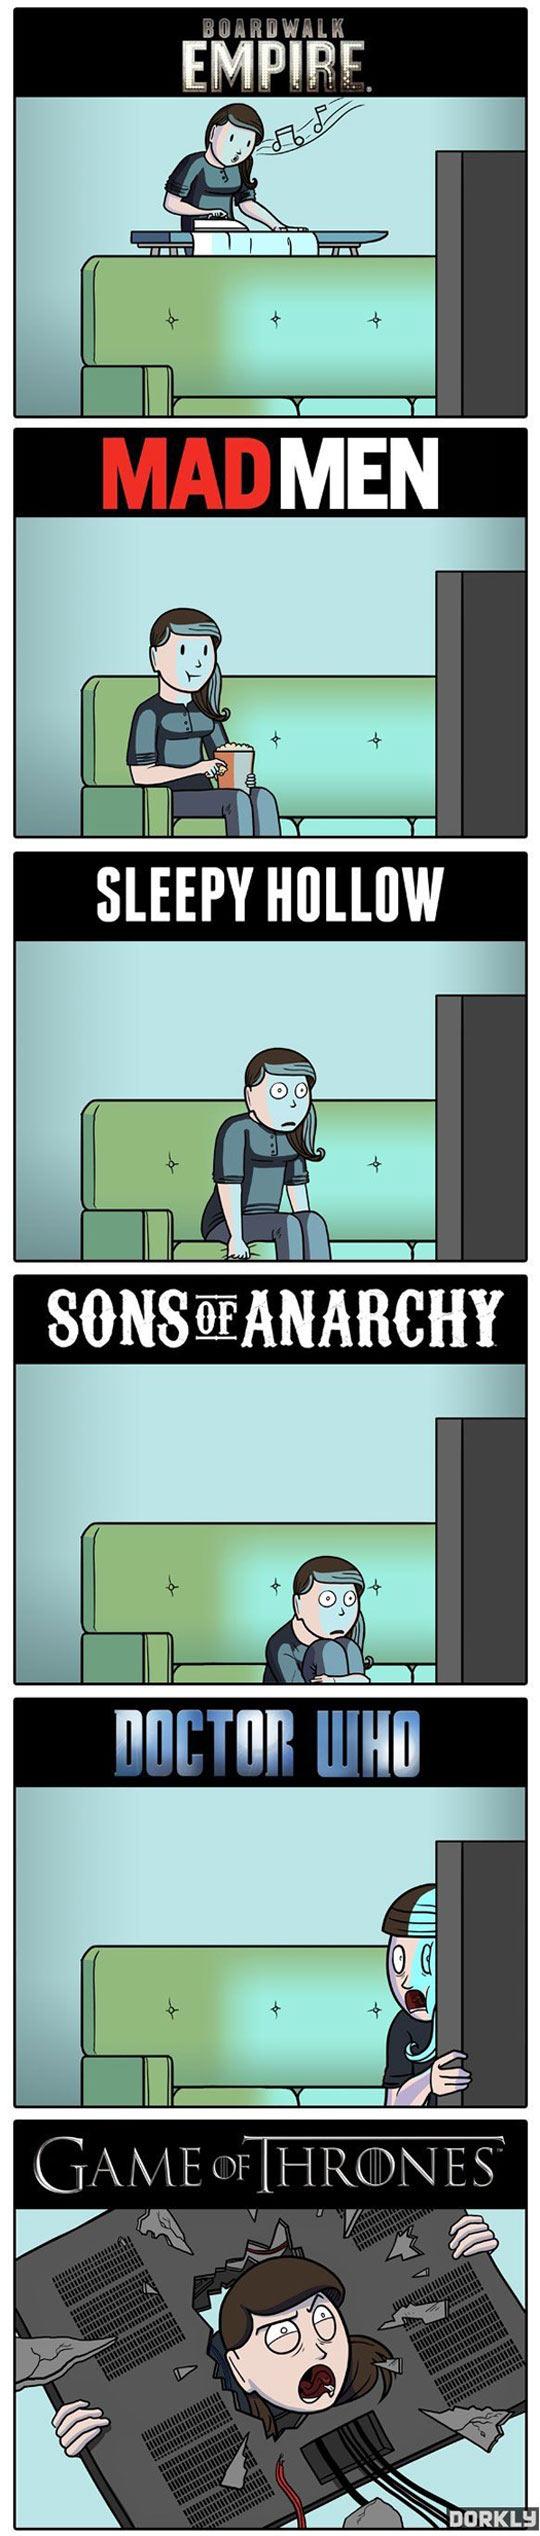 TV Show Intensity